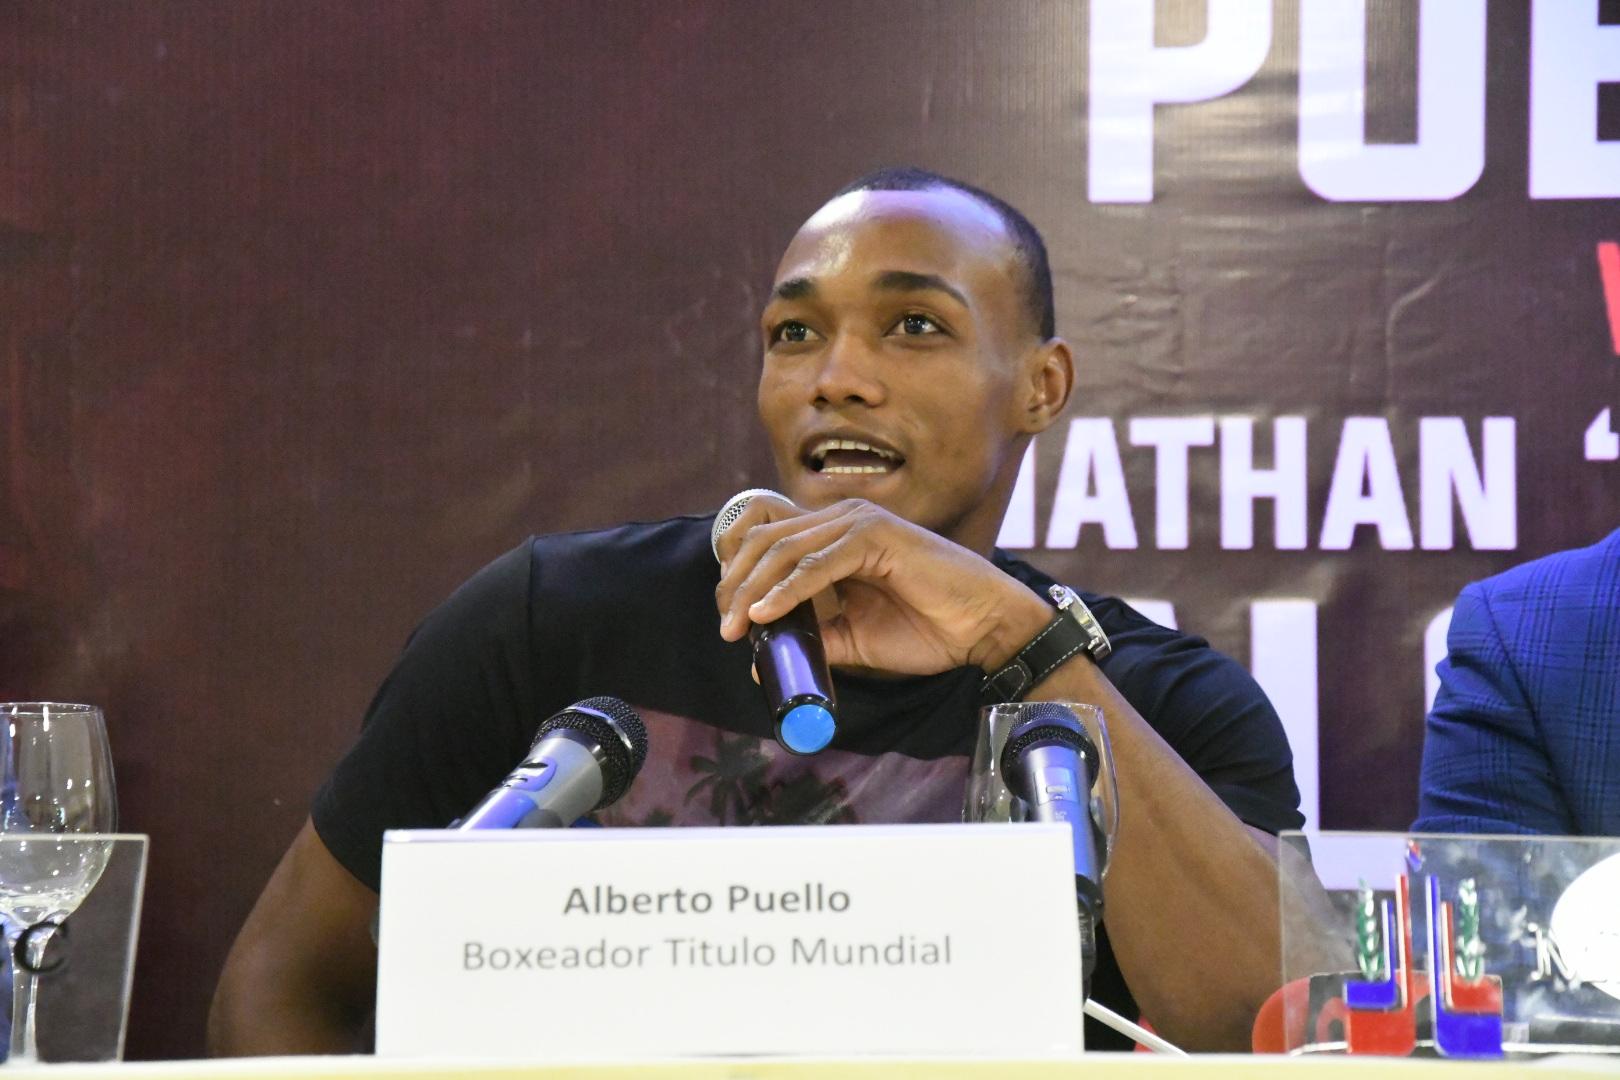 Alberto 'La Avispa' Puello (Shuan Boxing)